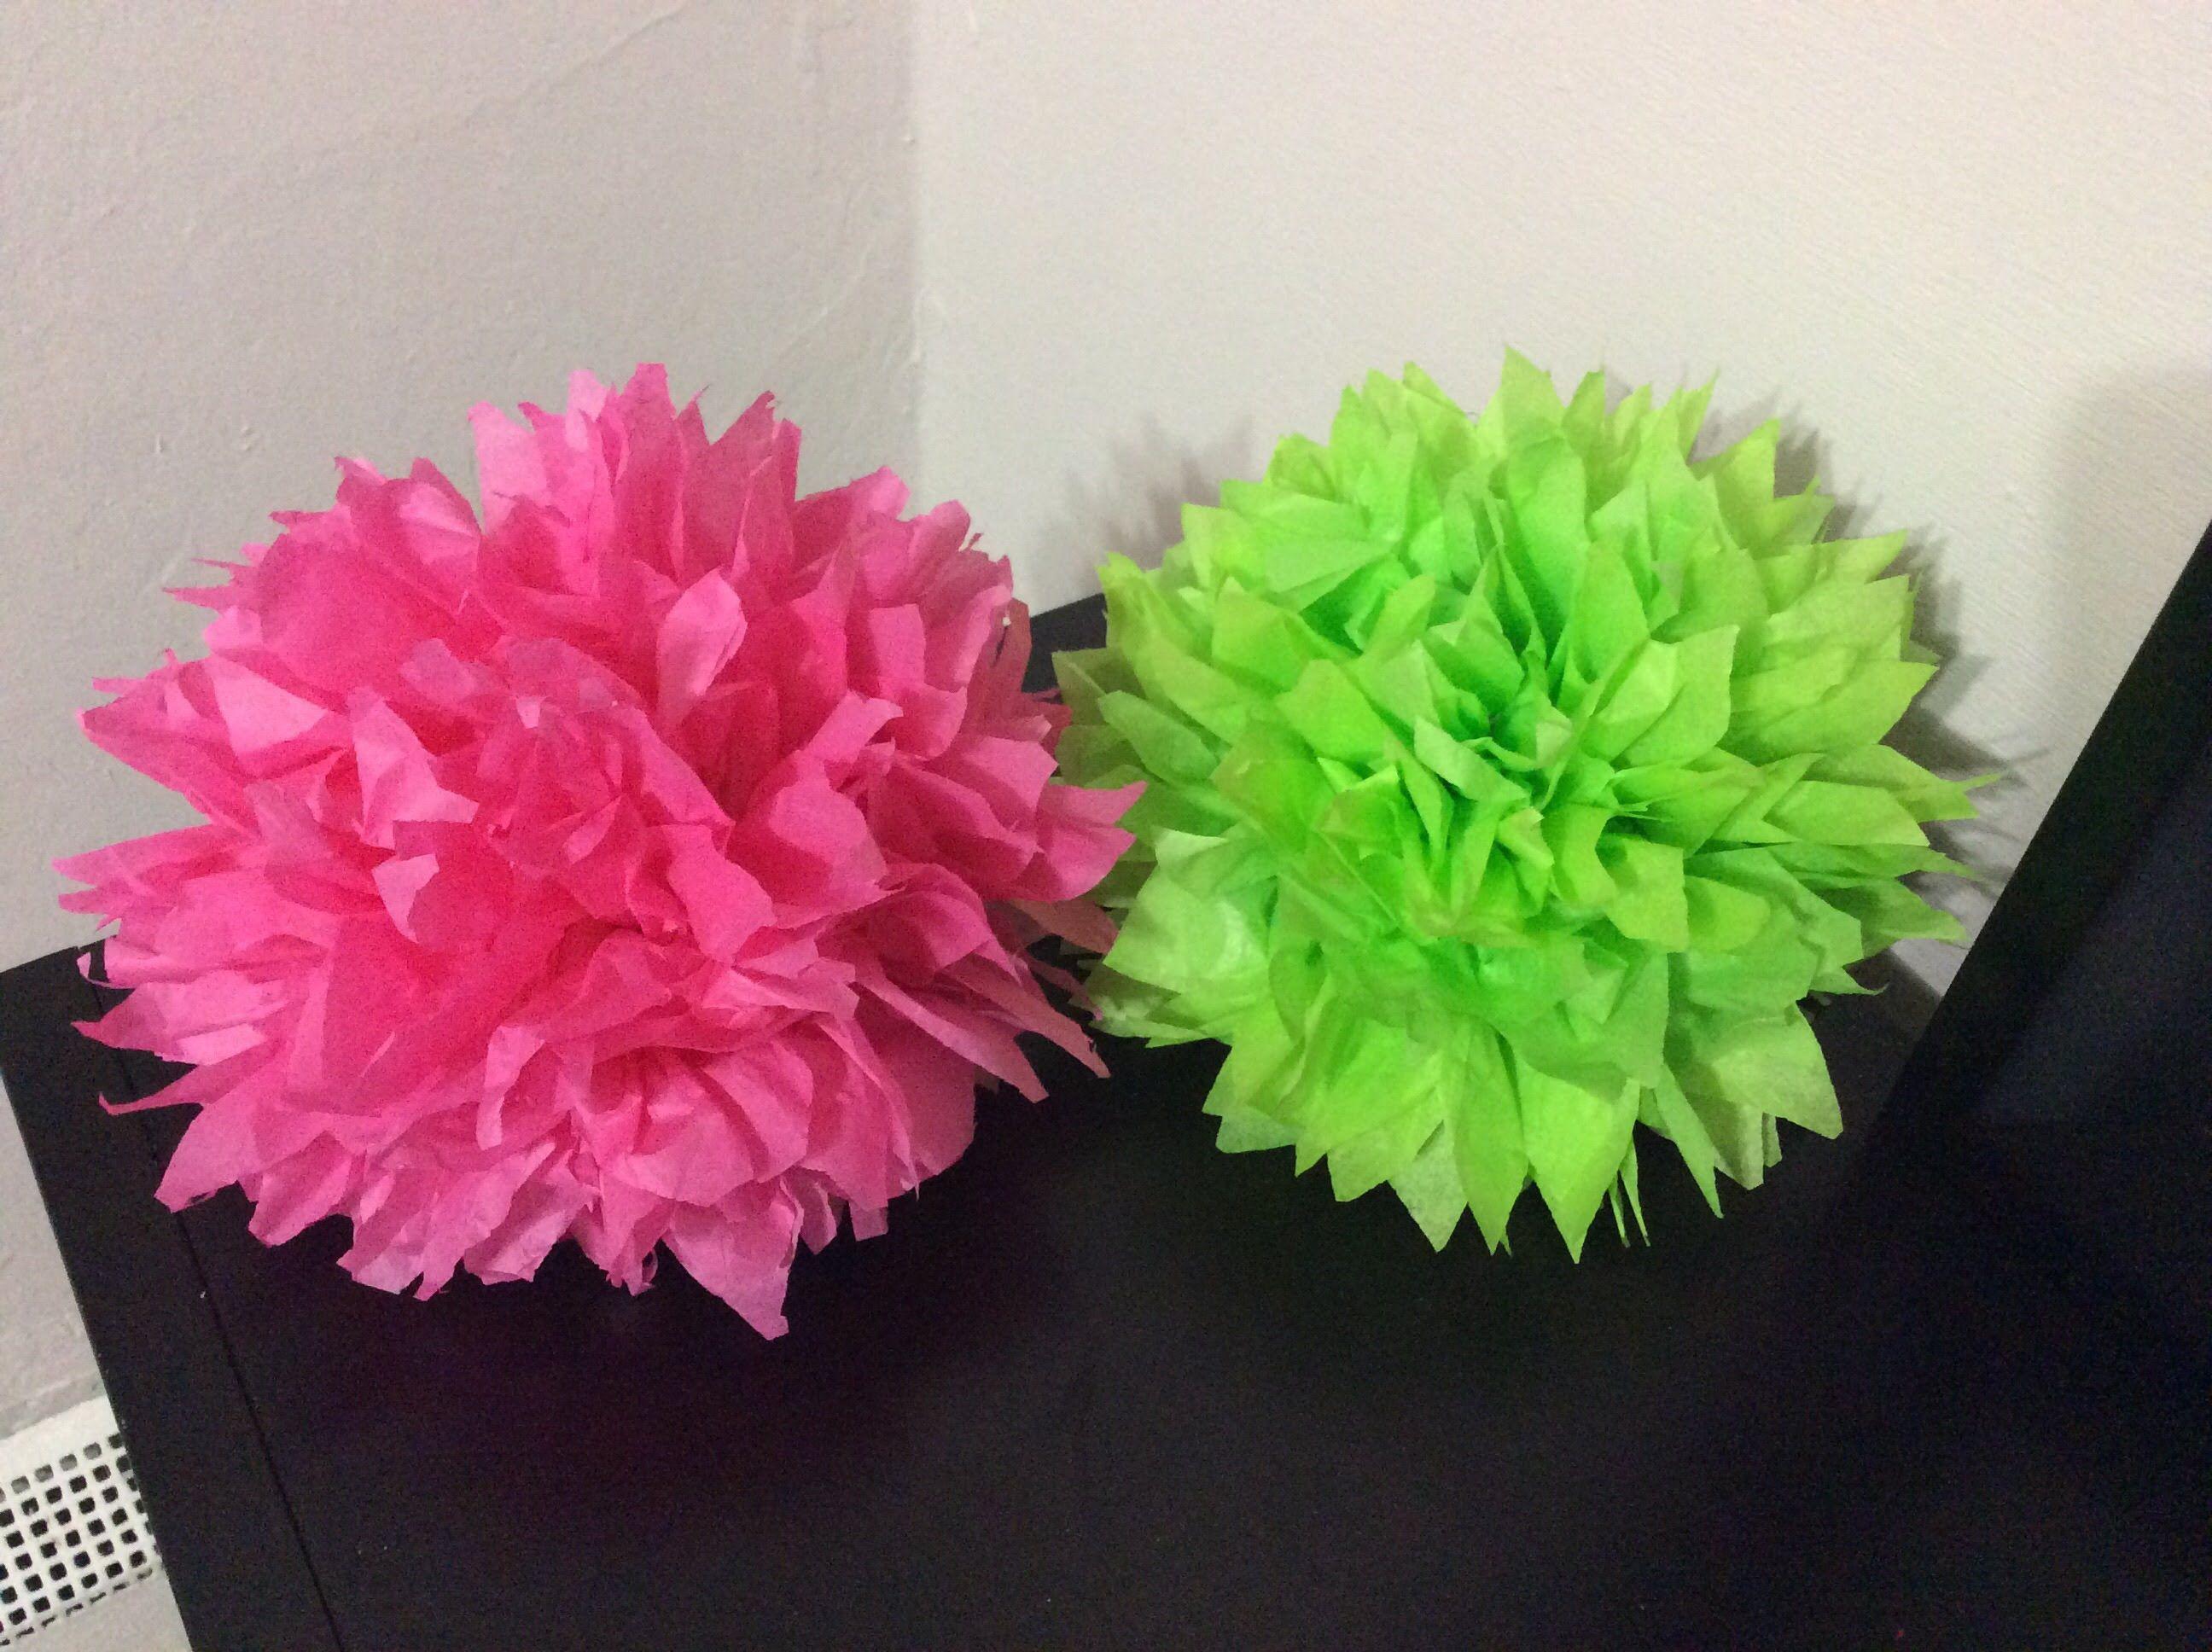 Pompones De Papel Crepe Super Facil Pompones De Papel Como Hacer Pompones Cómo Hacer Flores De Papel